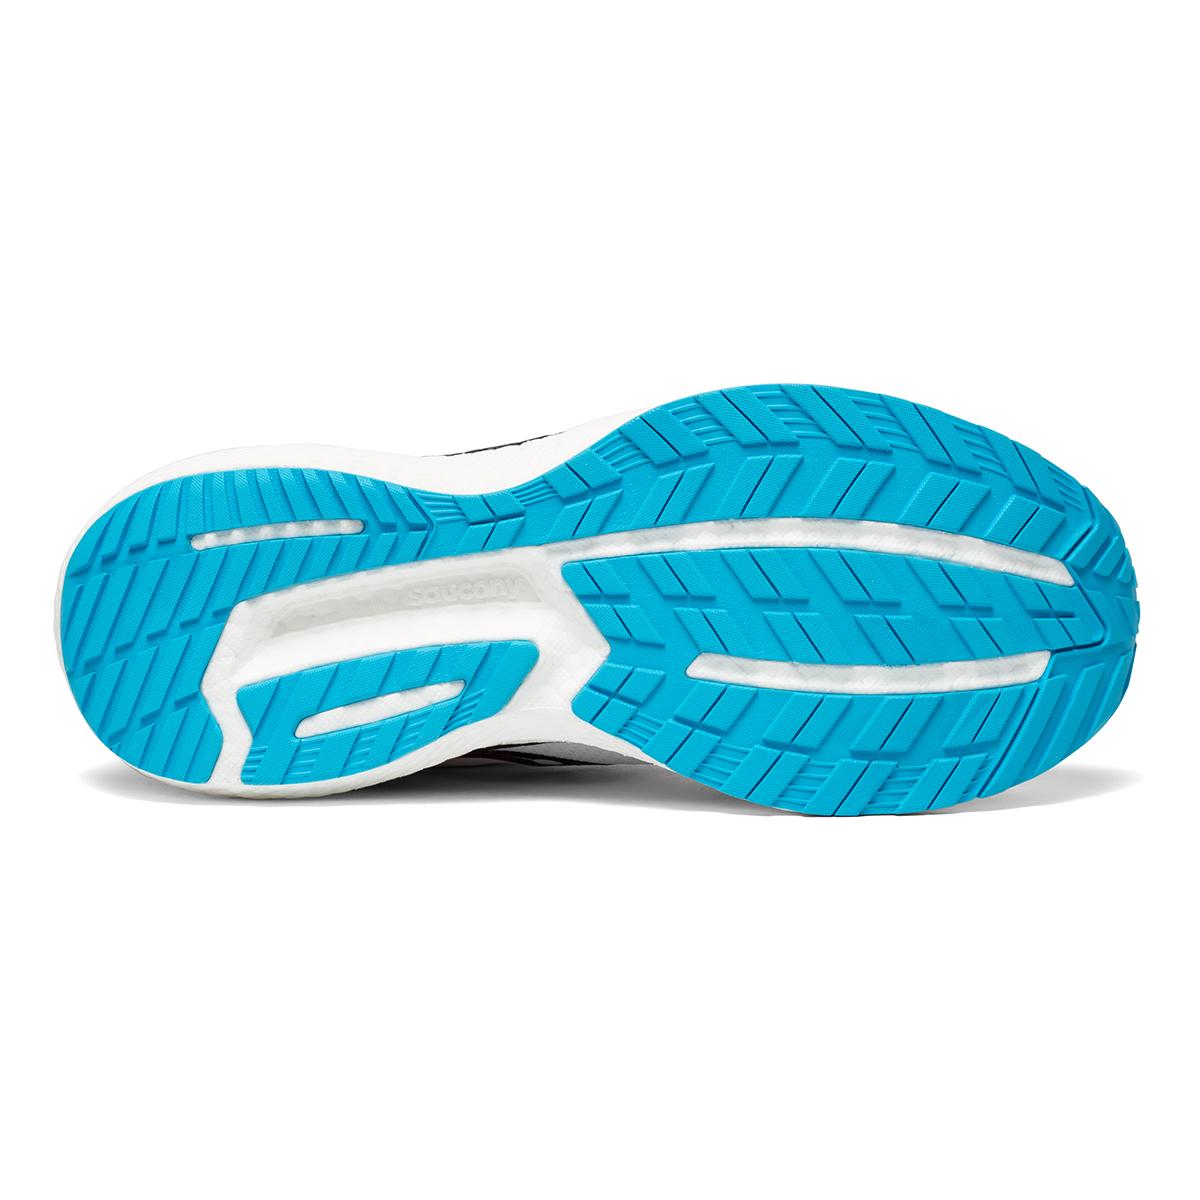 Men's Saucony Triumph 19 Running Shoe - Color: Reverie - Size: 7 - Width: Regular, Reverie, large, image 5